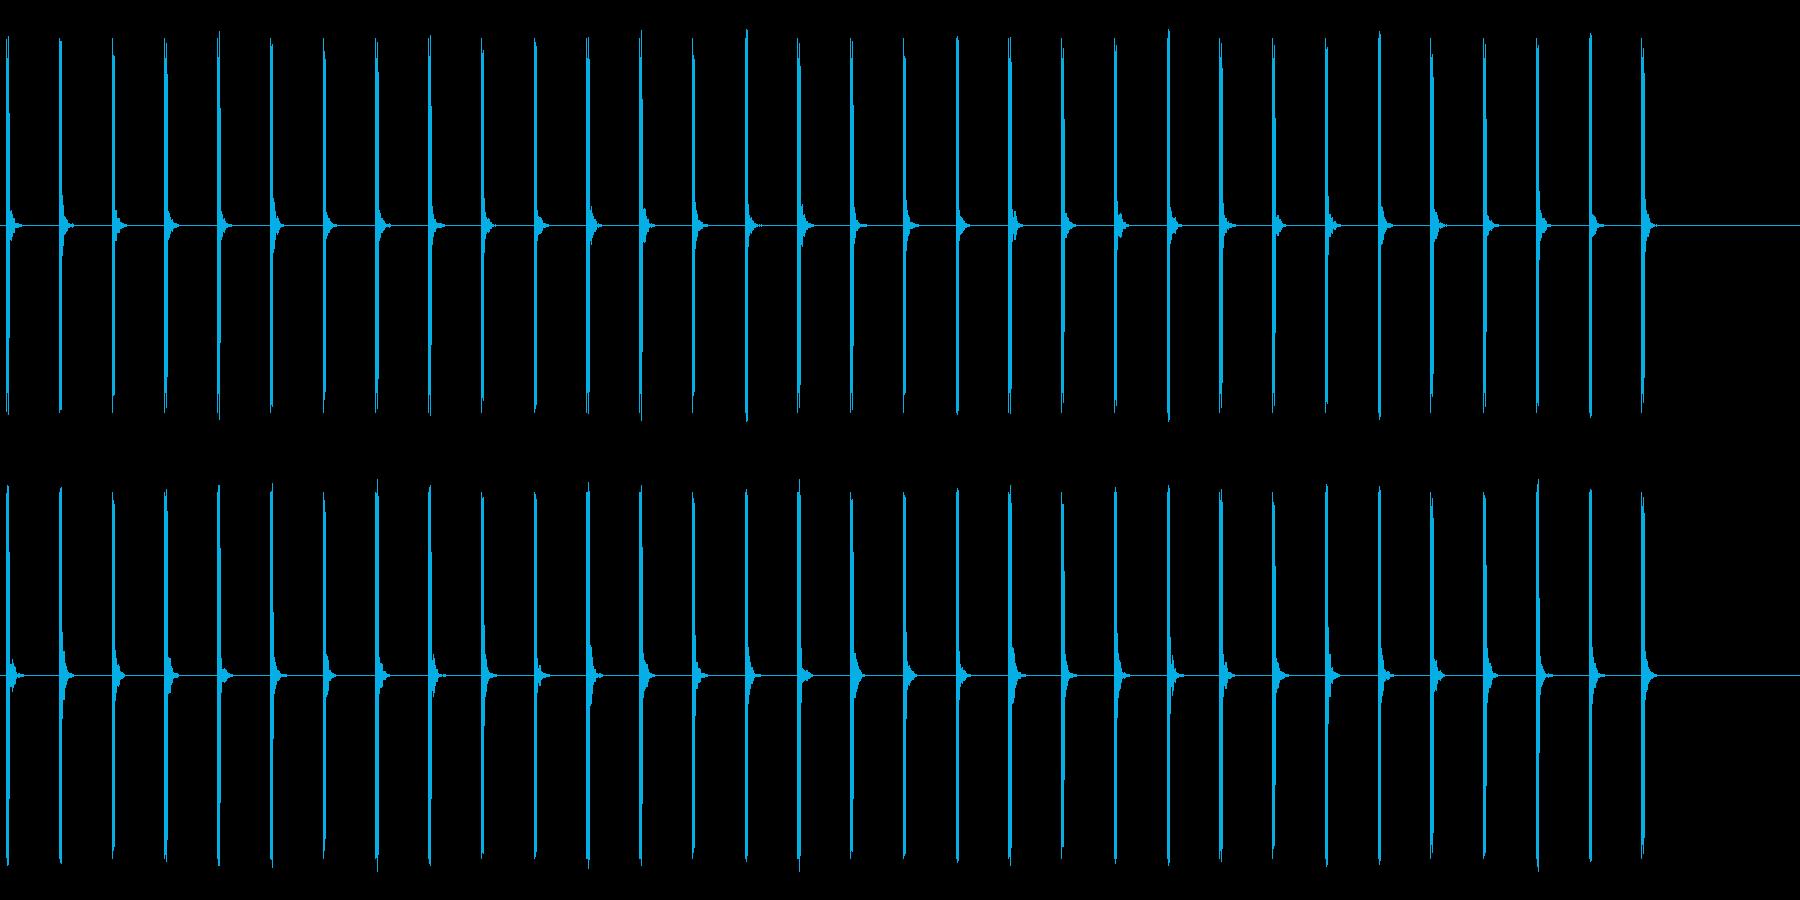 心電図の音-5-1(BPM40)の再生済みの波形